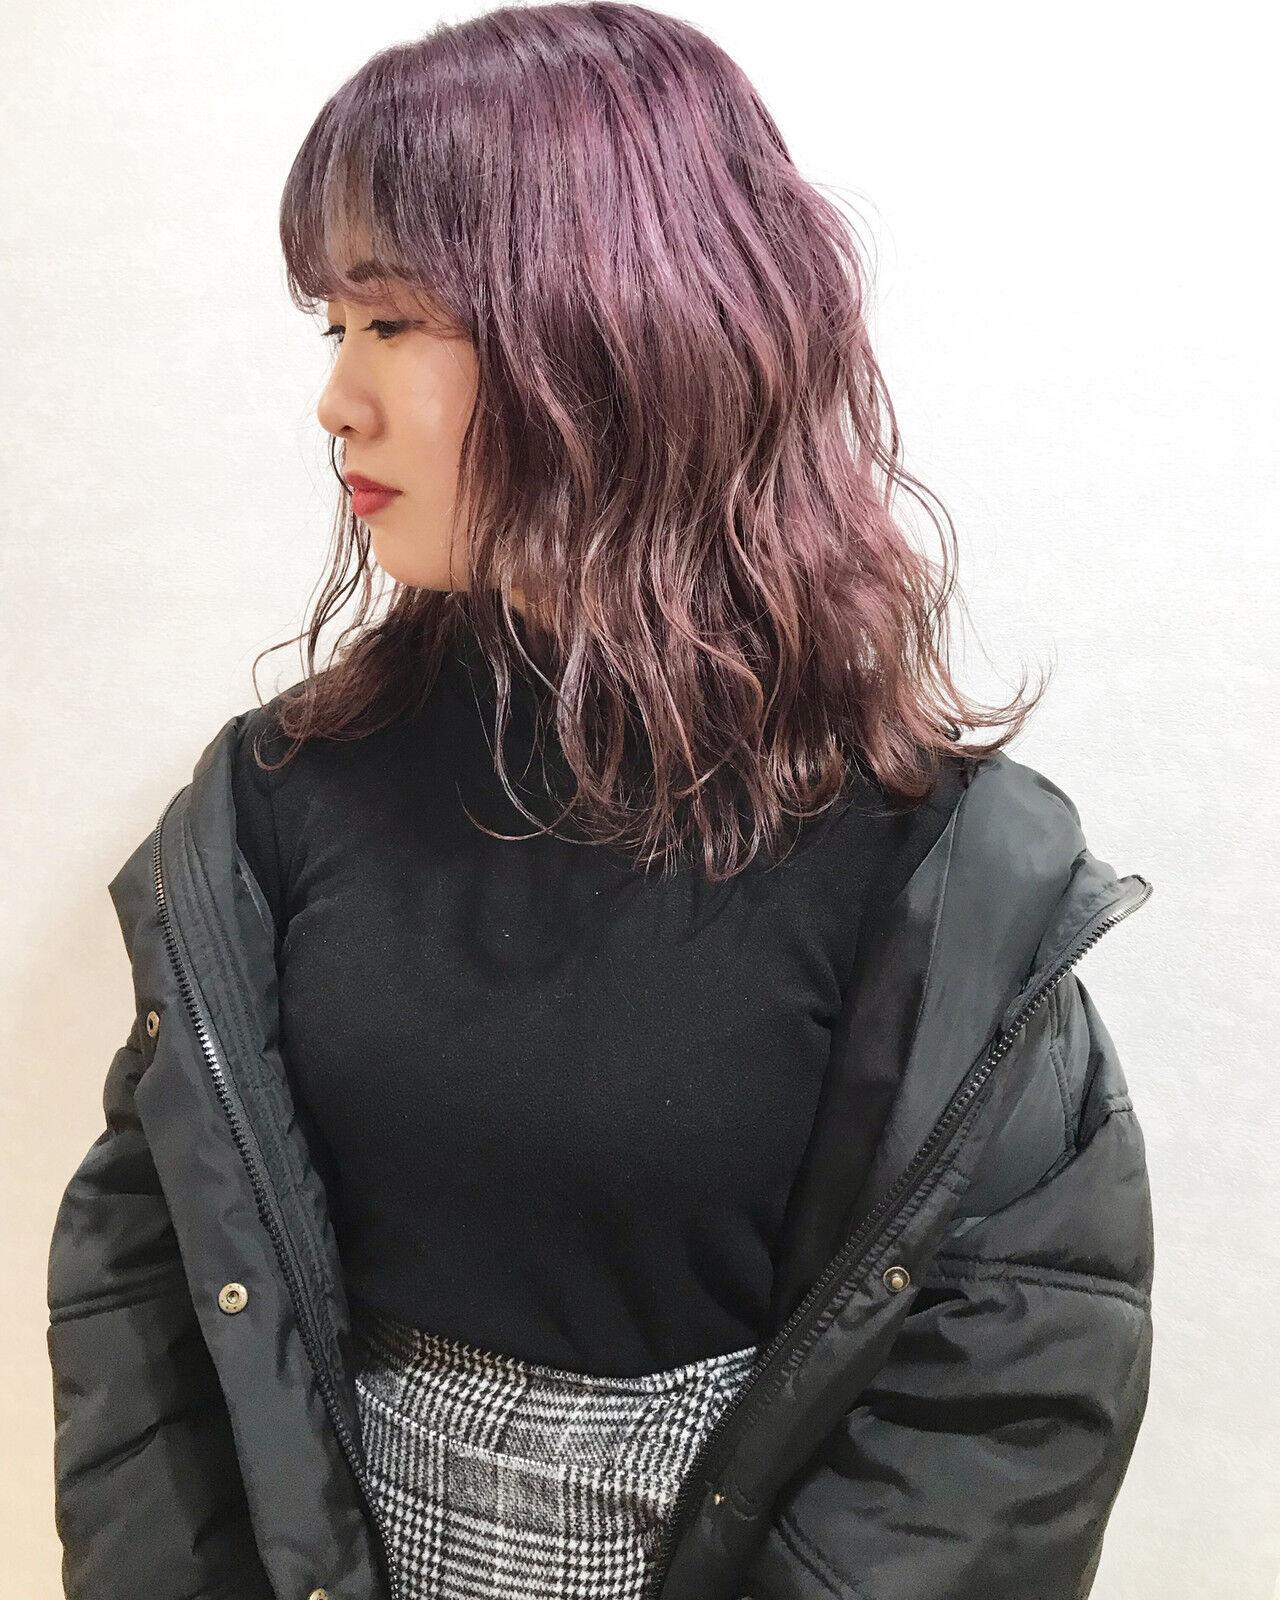 ピンクラベンダー 韓国ヘア ホワイトカラー ハイトーンカラーヘアスタイルや髪型の写真・画像